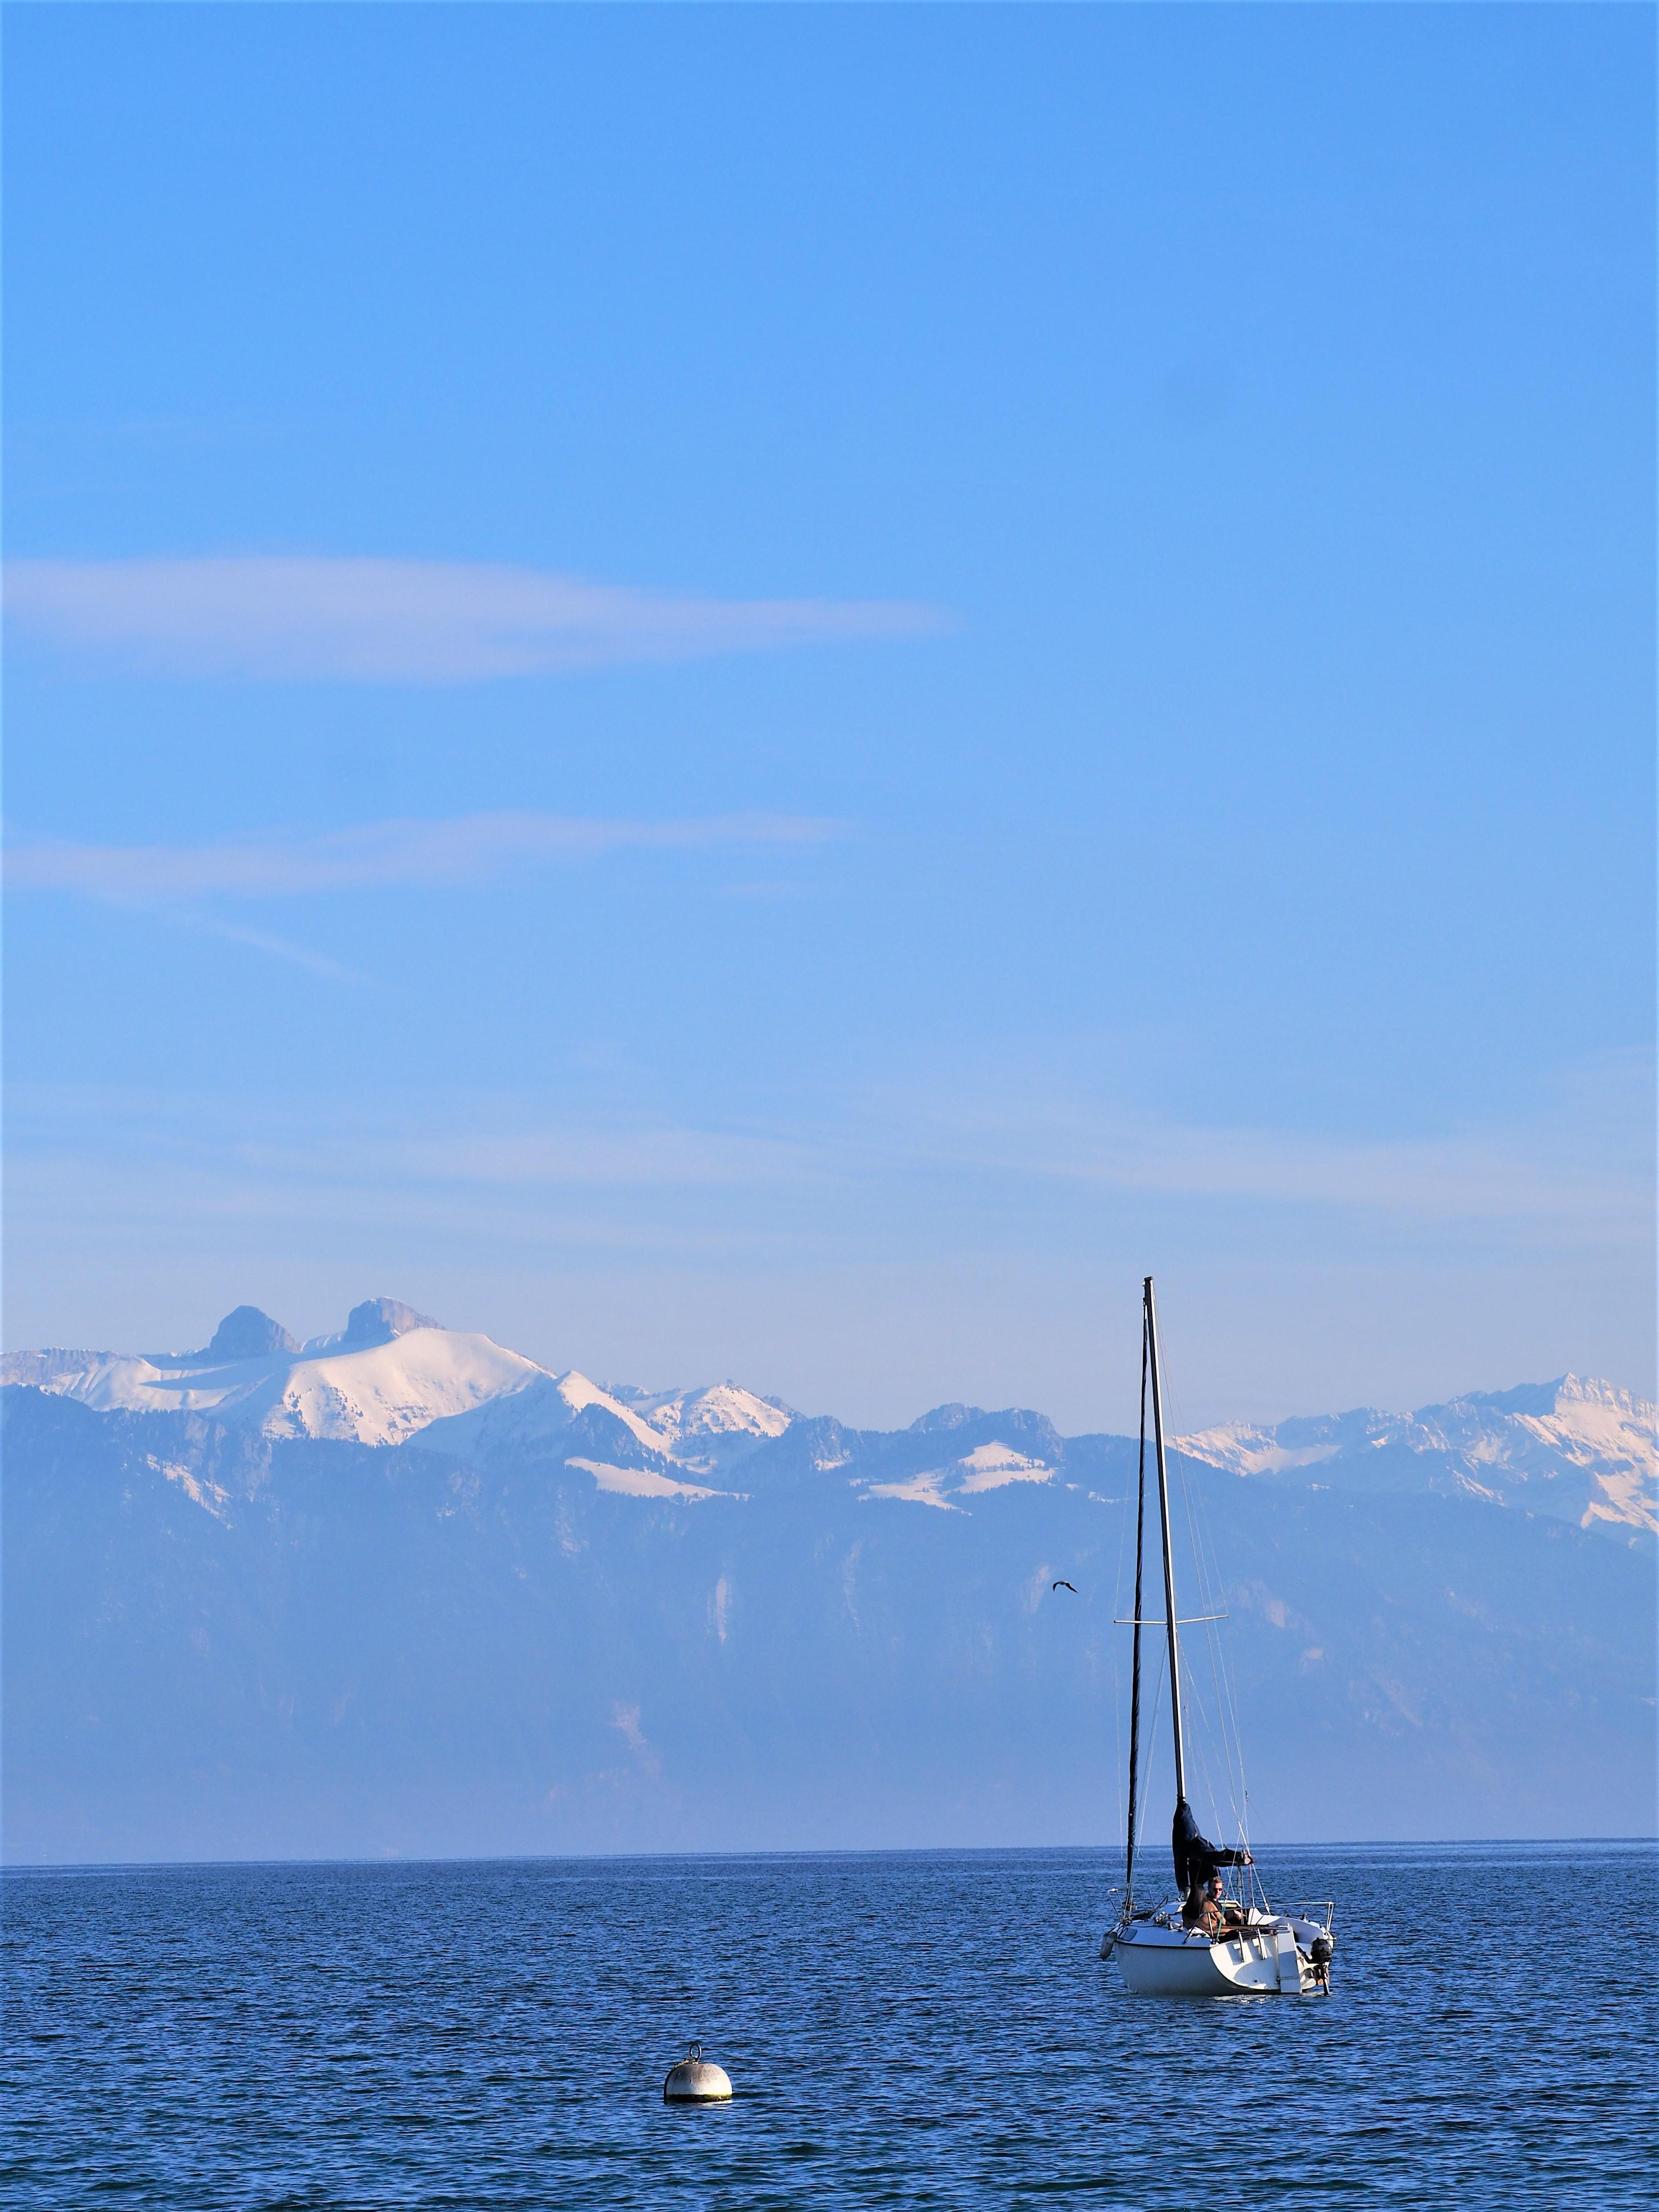 Lausanne-bateau-clioandco-blog-voyage-lausanne-suisse-canton-de-vaud